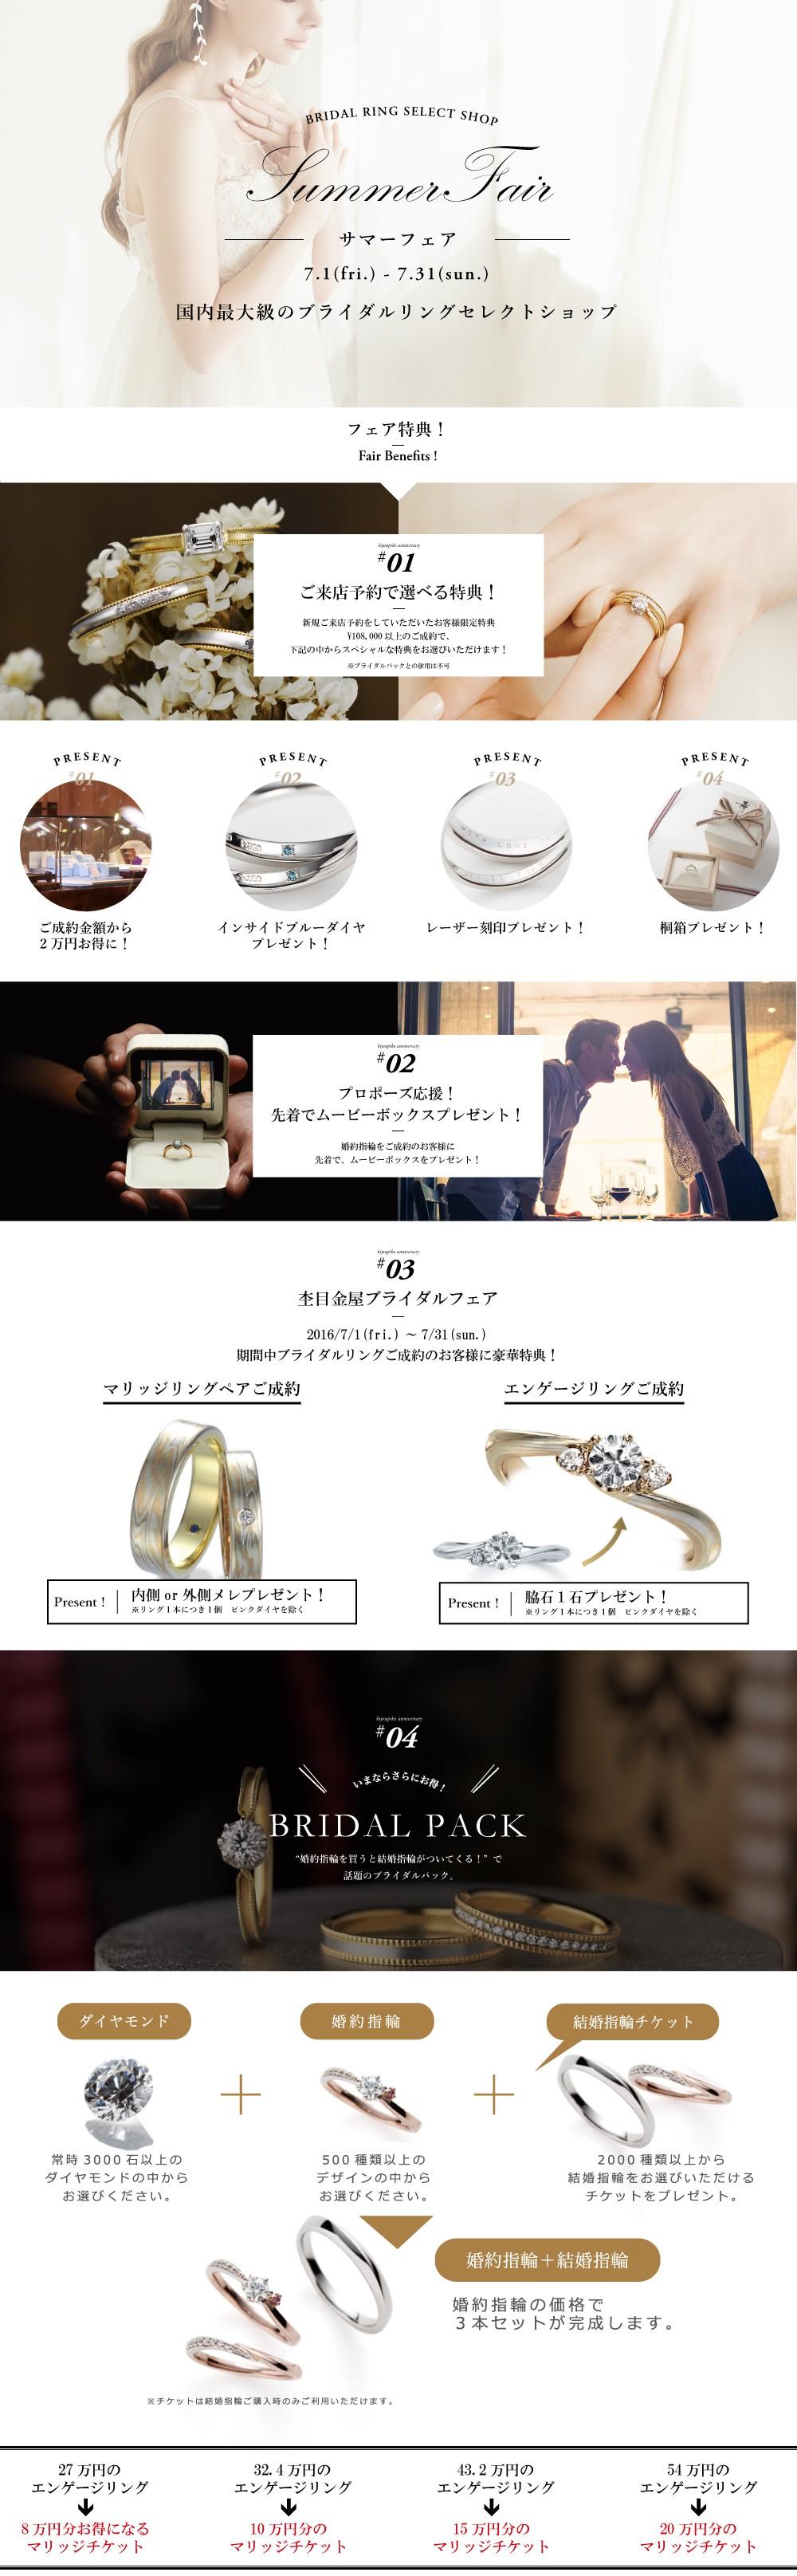 pc0704_morioka_aomori_shopshosai_fiar